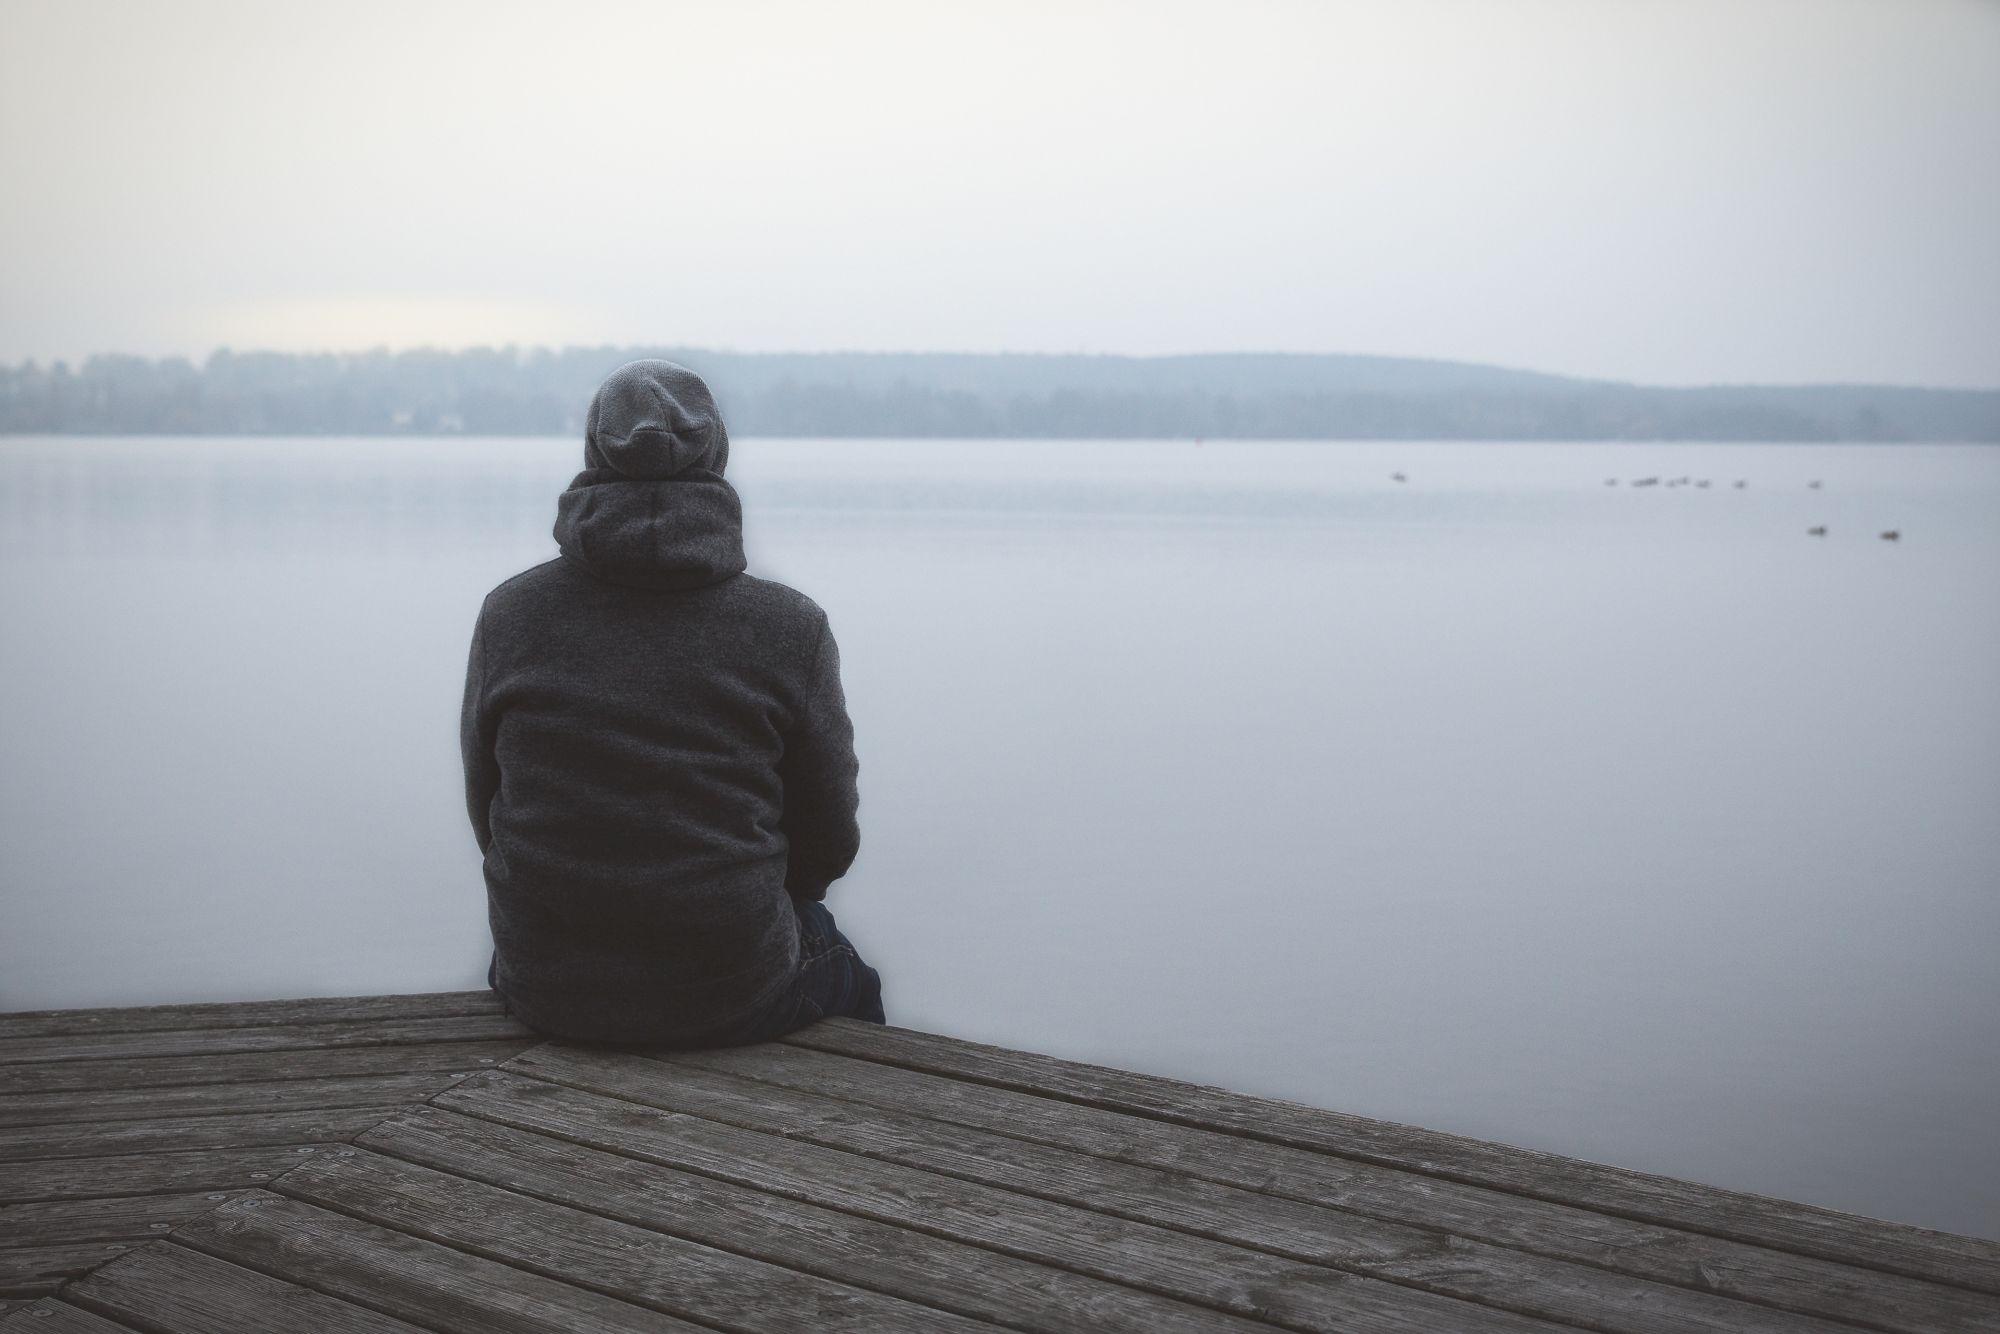 Trauer bewältigen: Wie schaffe ich es, einen Verlust zu verarbeiten?